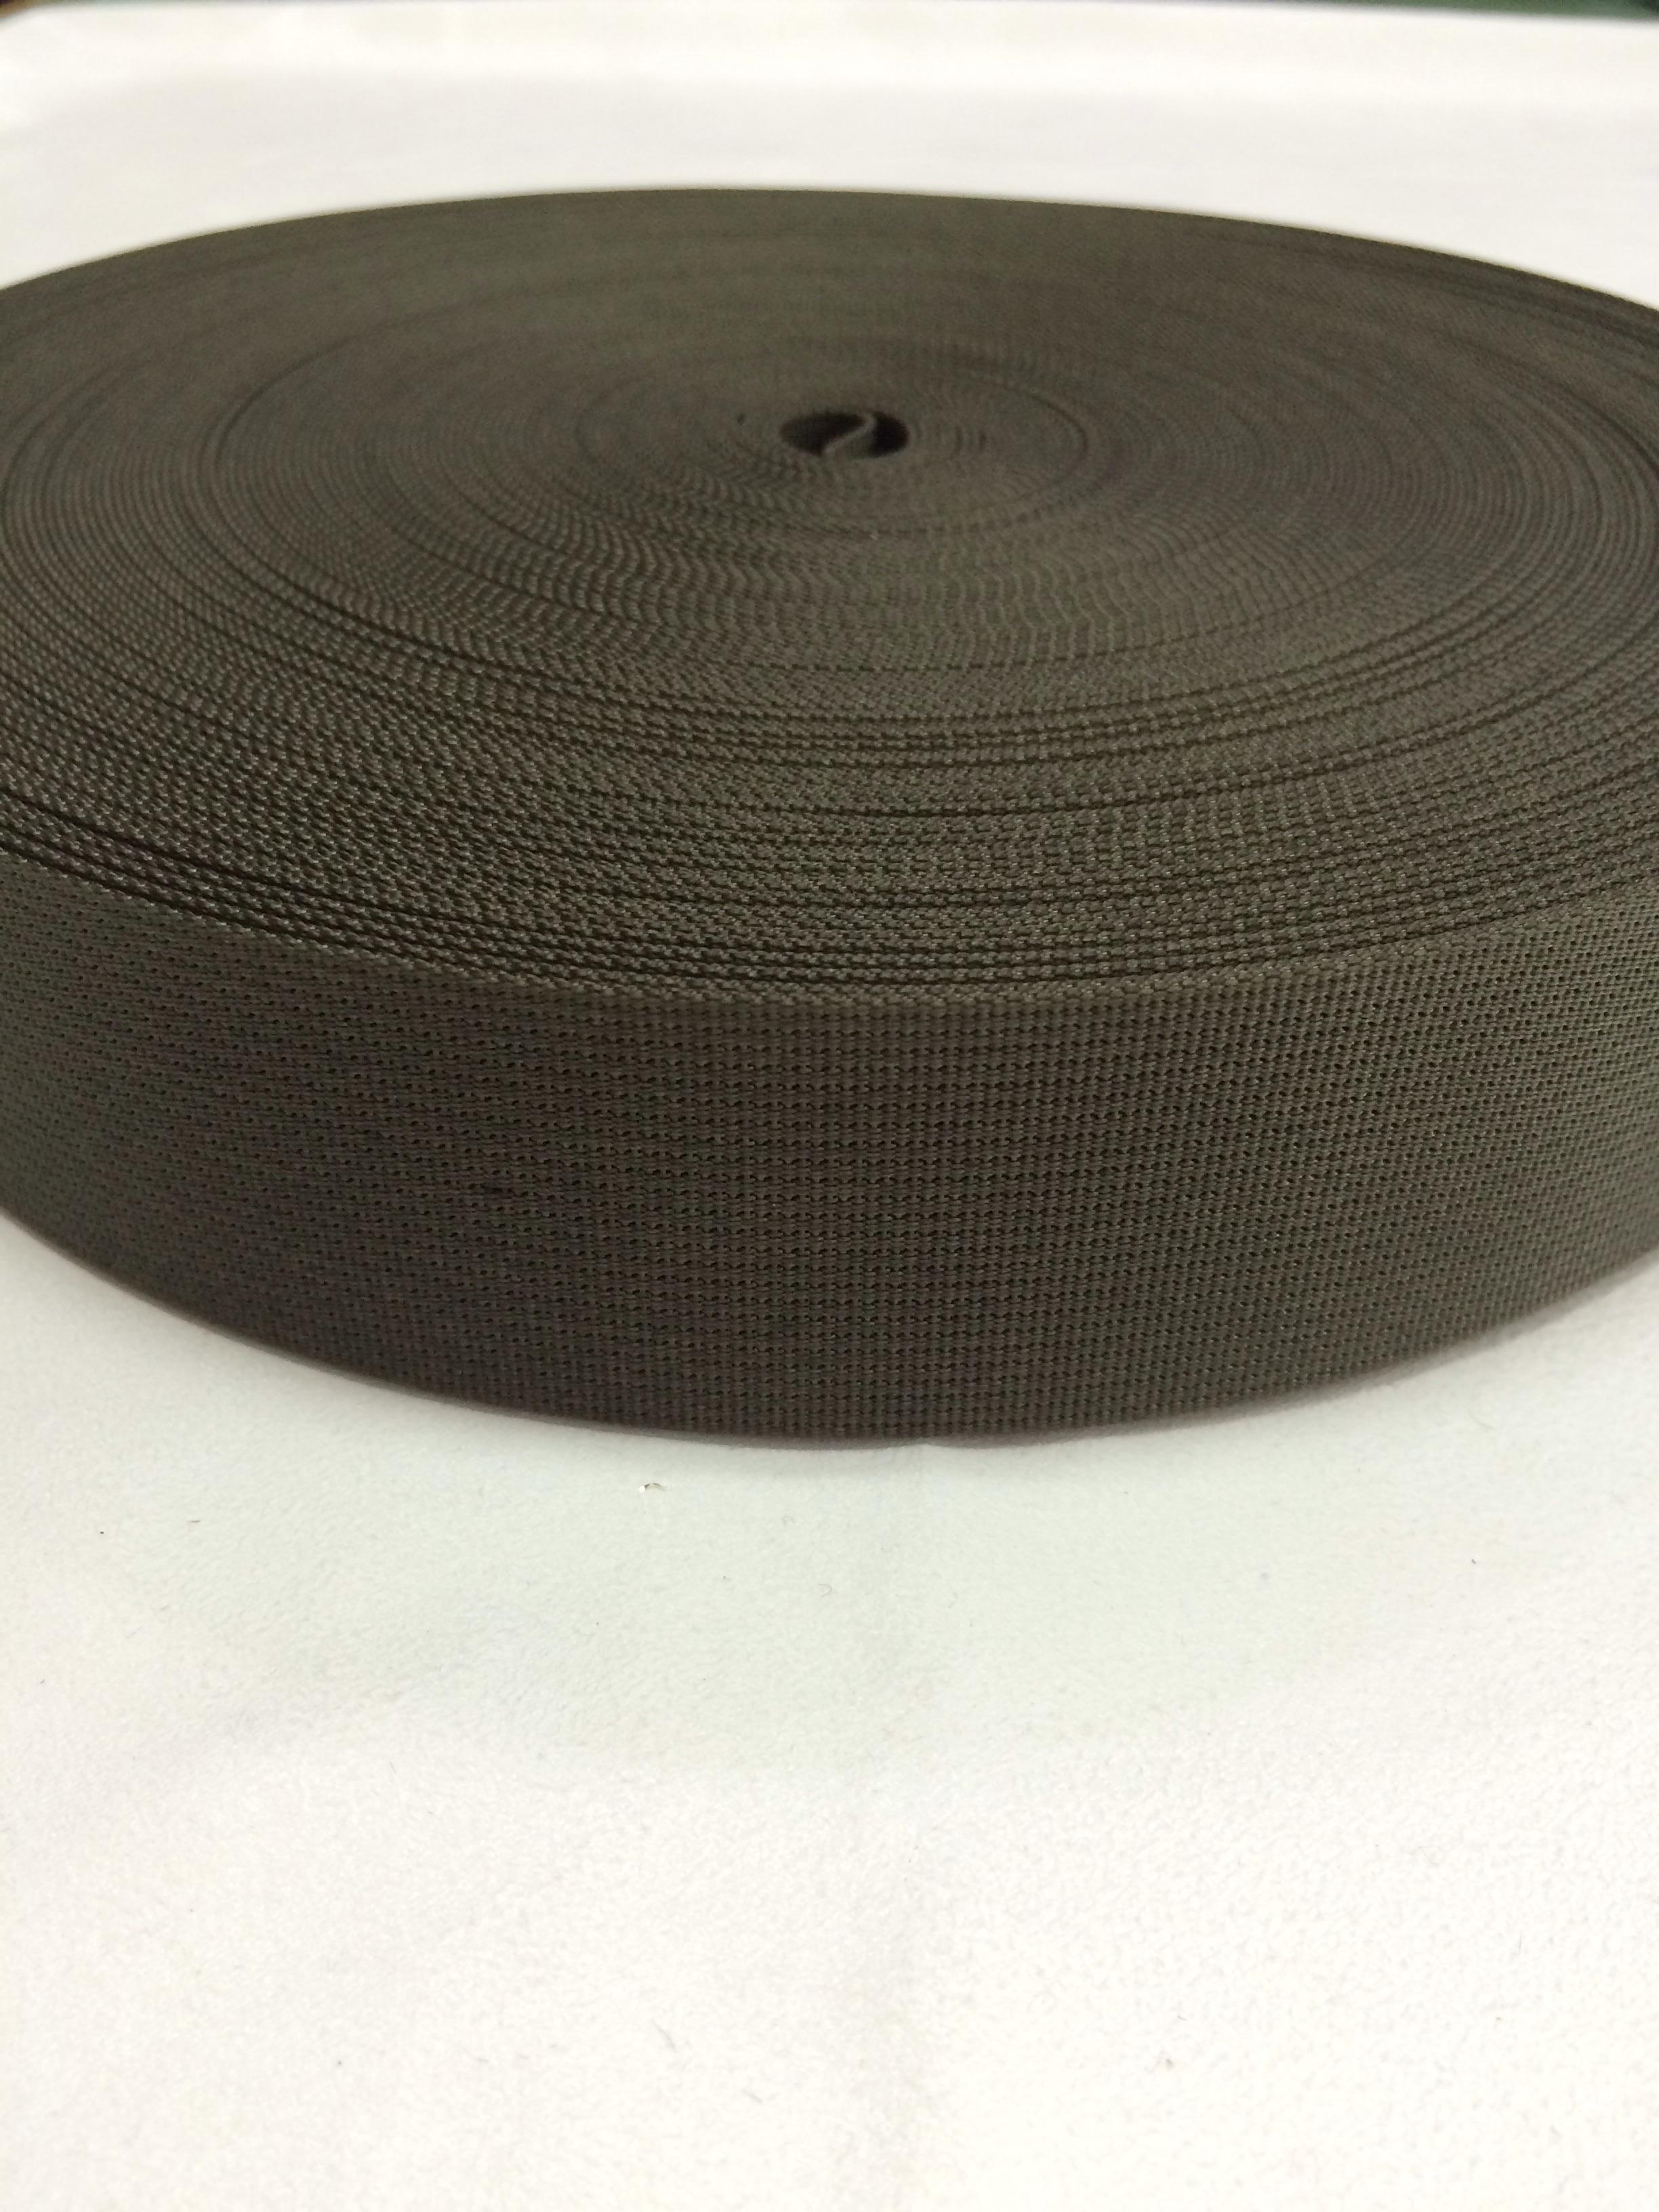 ナイロン 高密度 38mm幅 1mm厚 カラー黒以外 1反(50m)